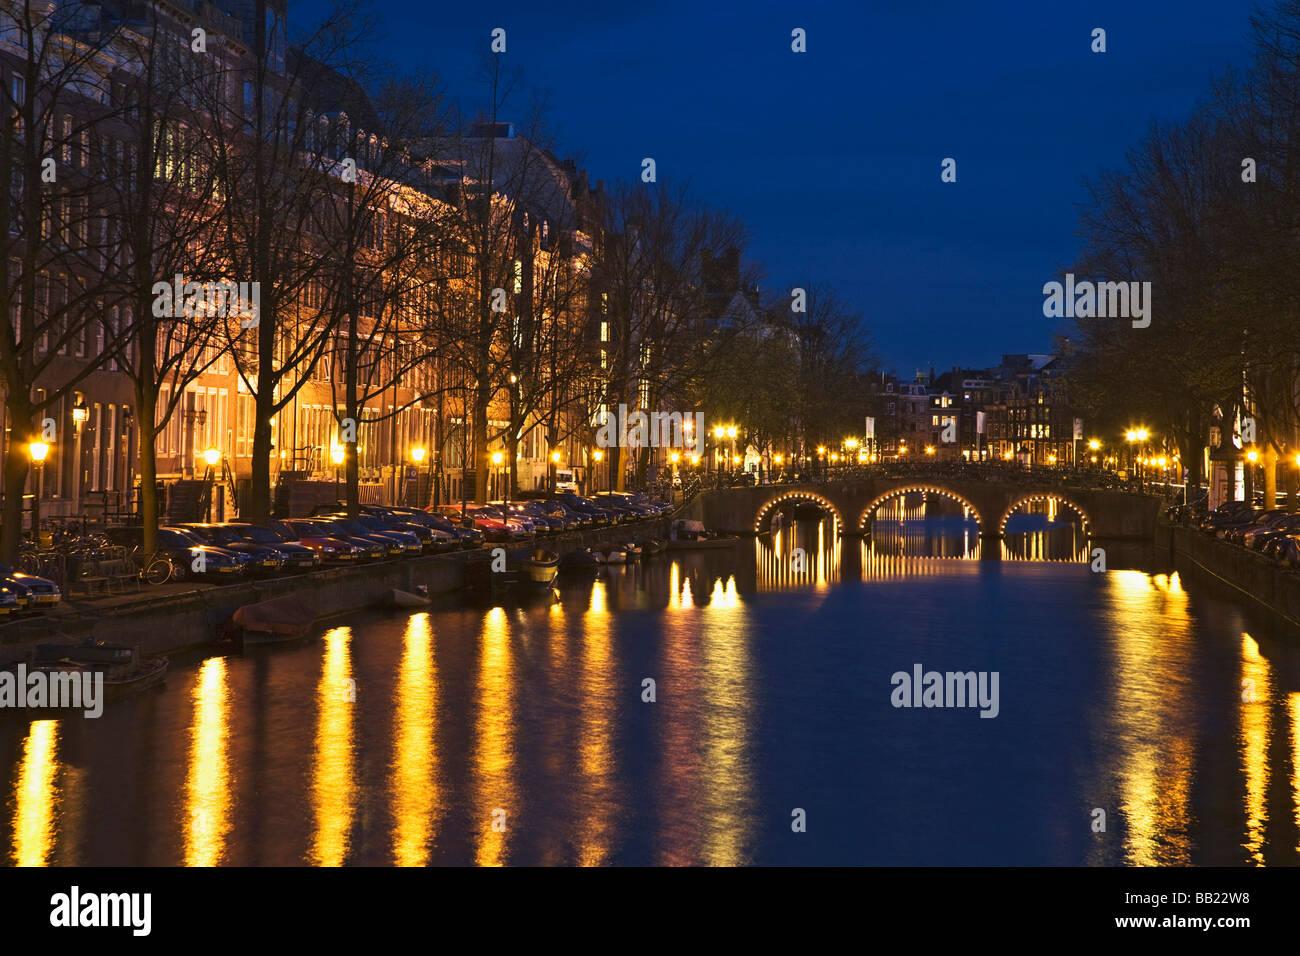 Licht Tour Amsterdam : Europa niederlande amsterdam brücke und licht reflektieren über